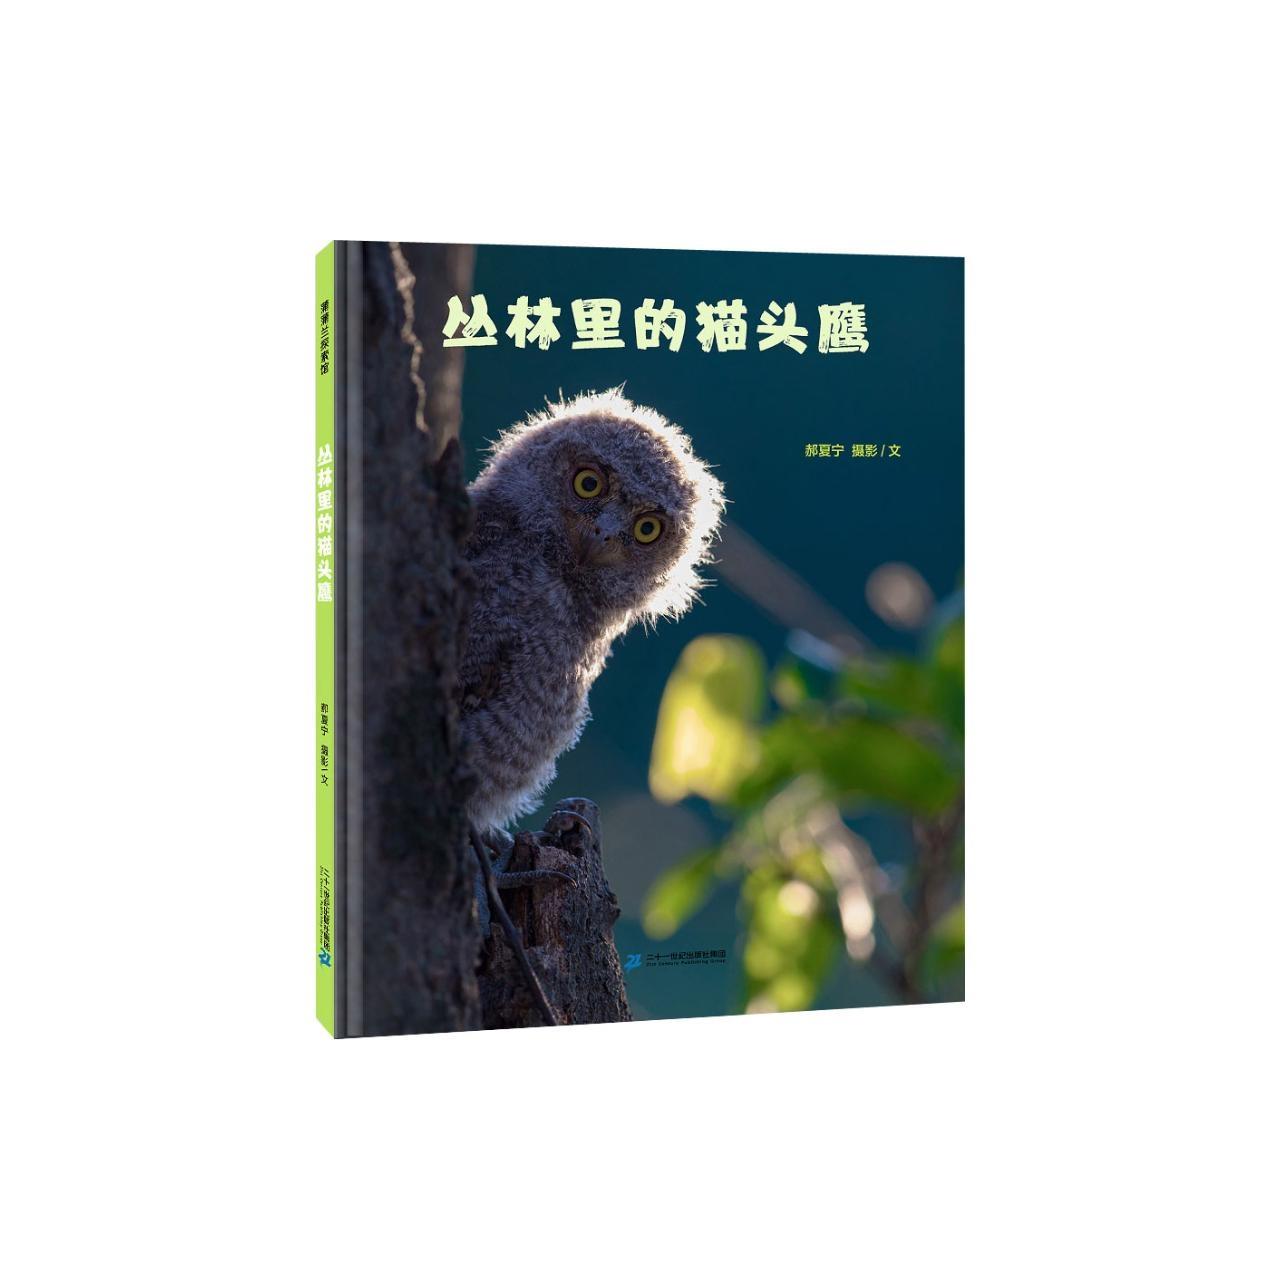 丛林里的猫头鹰 【儿童绘本/简体绘本/生动绘本】